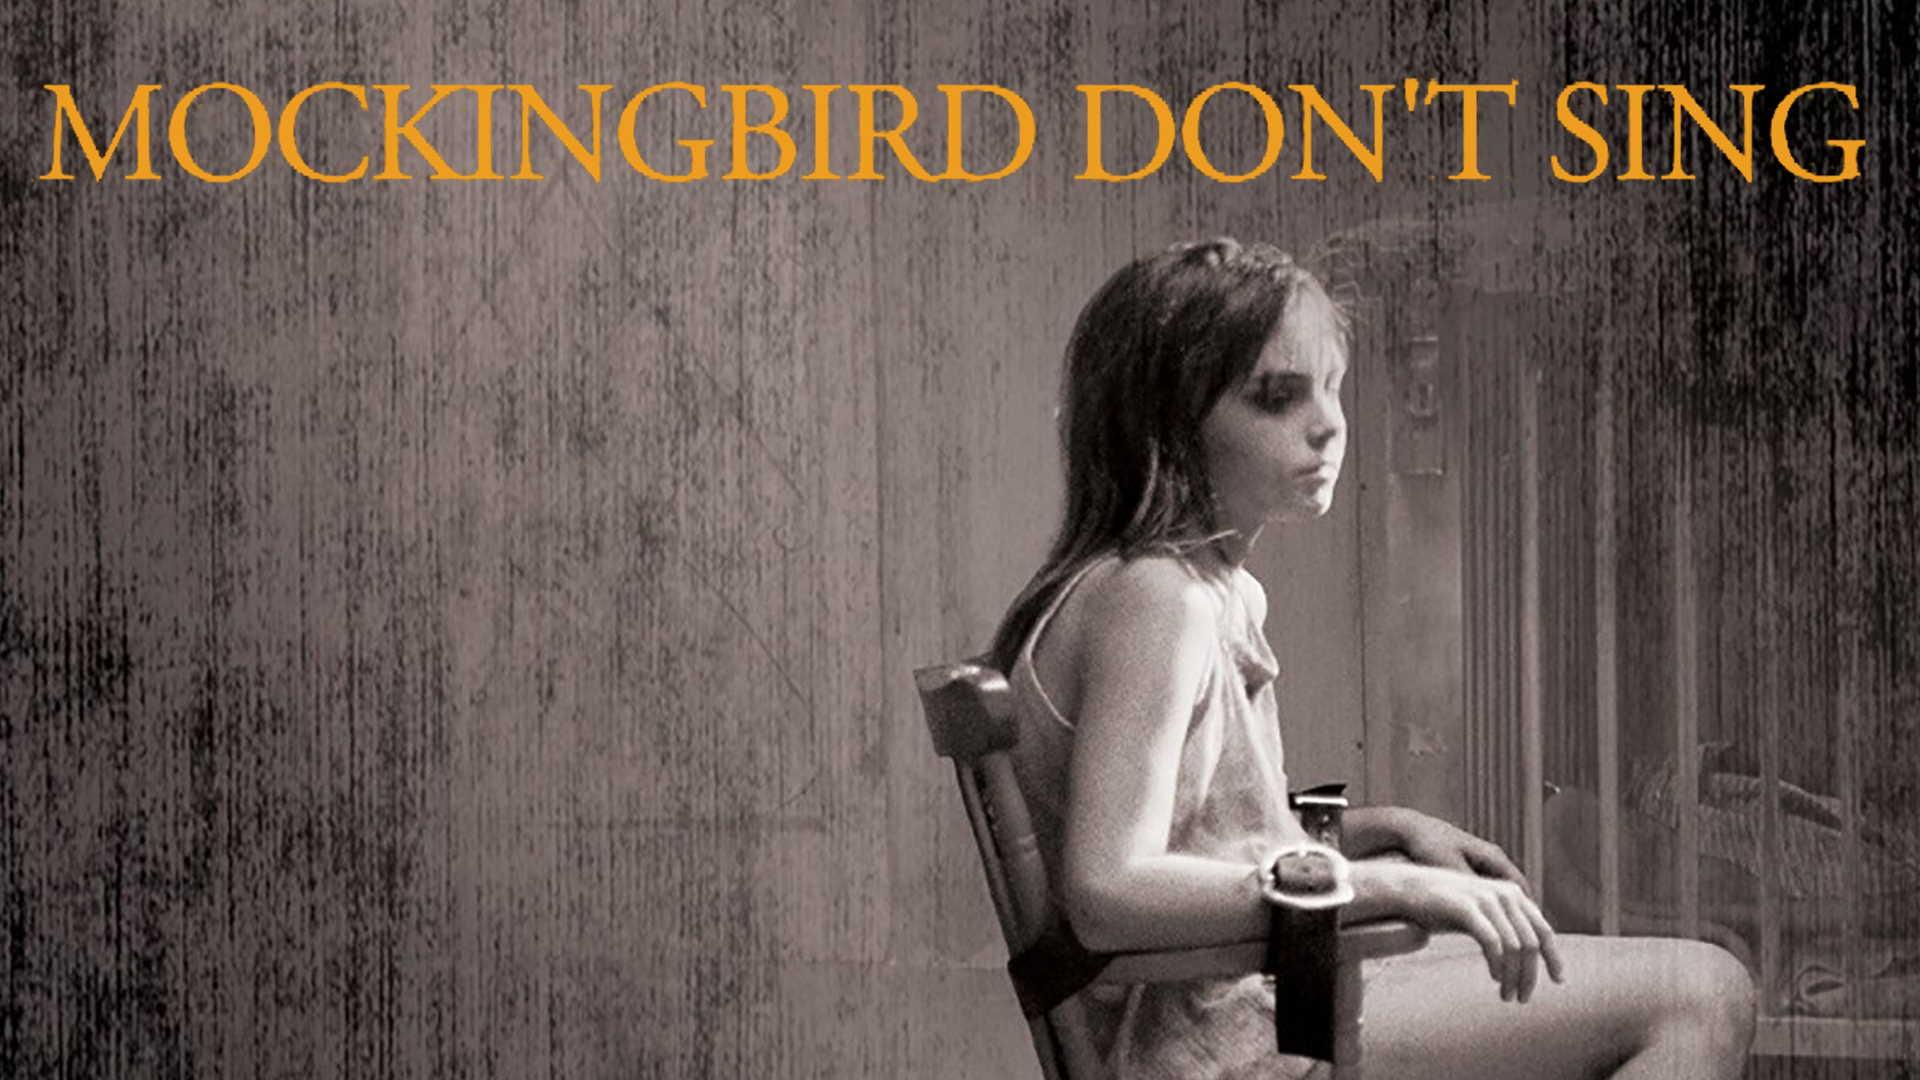 Mockingbird Don' t Sing